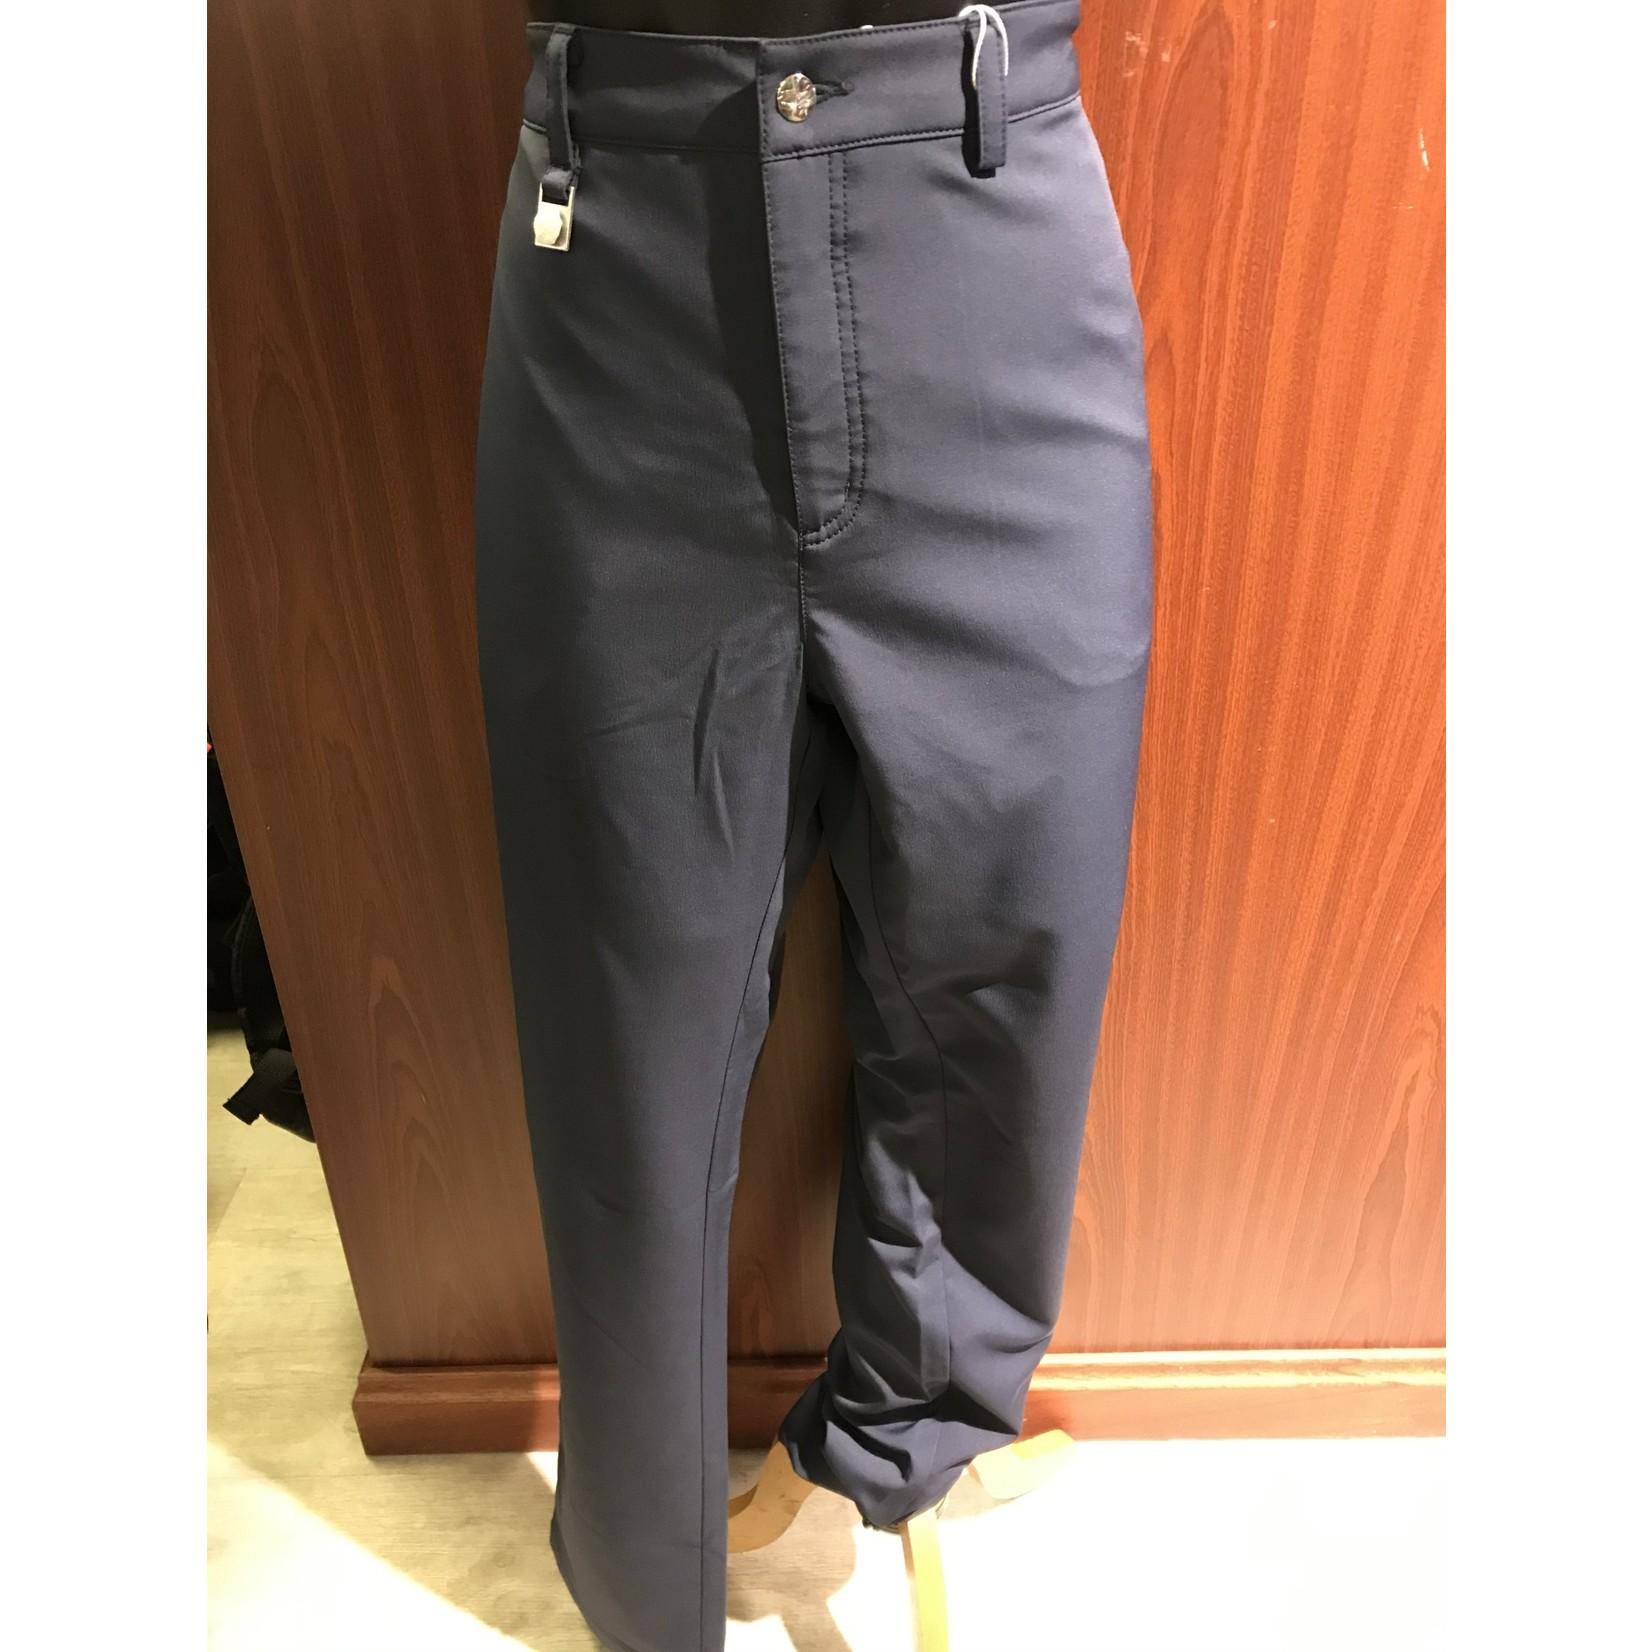 Rohnisch Rohnisch Break Pants blue 52